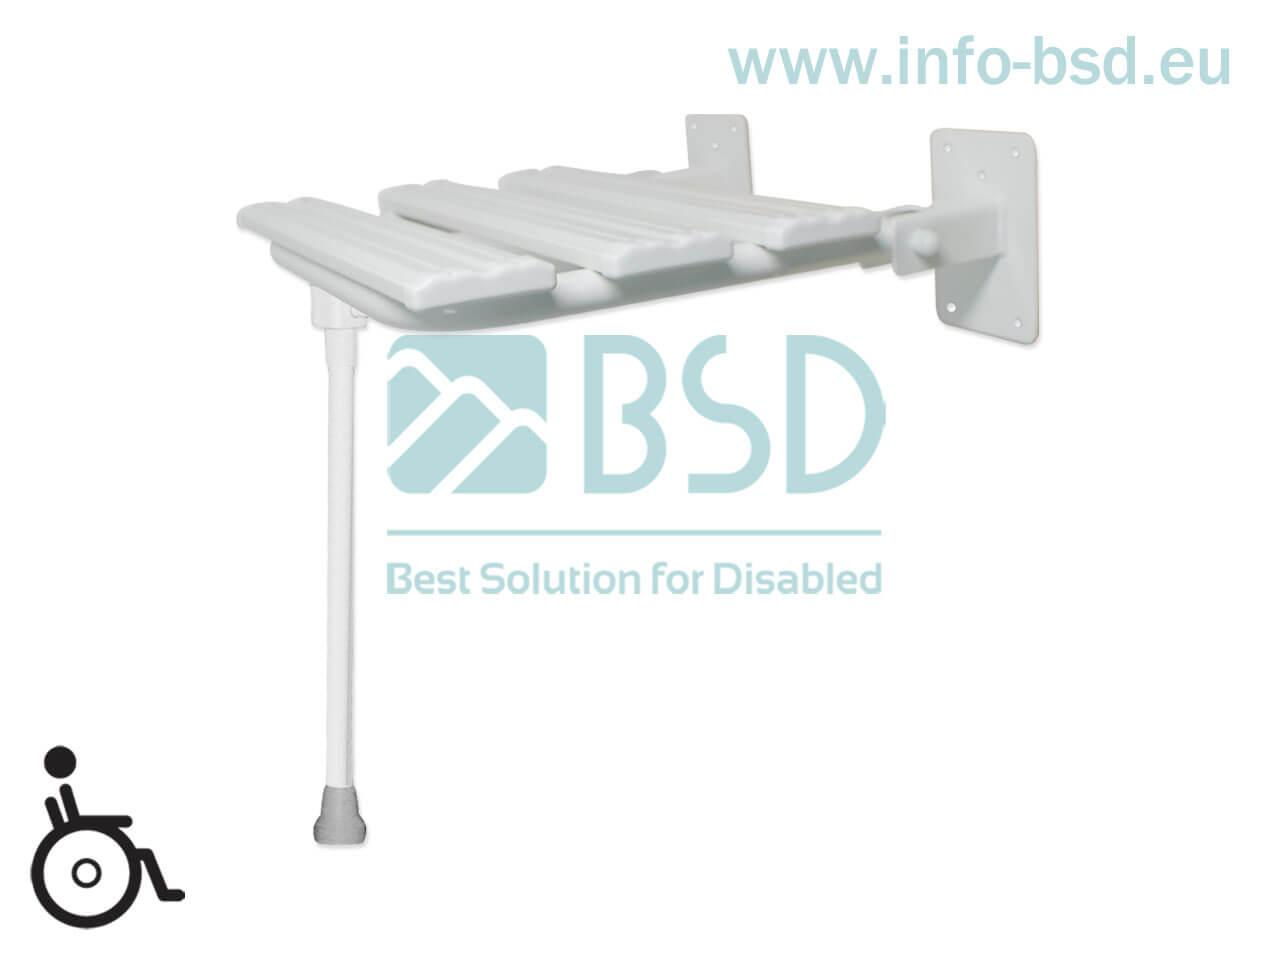 krzesełko prysznicowe dla osób niepełnosprawnych białe z podporą KPU-2 N B25 BSD